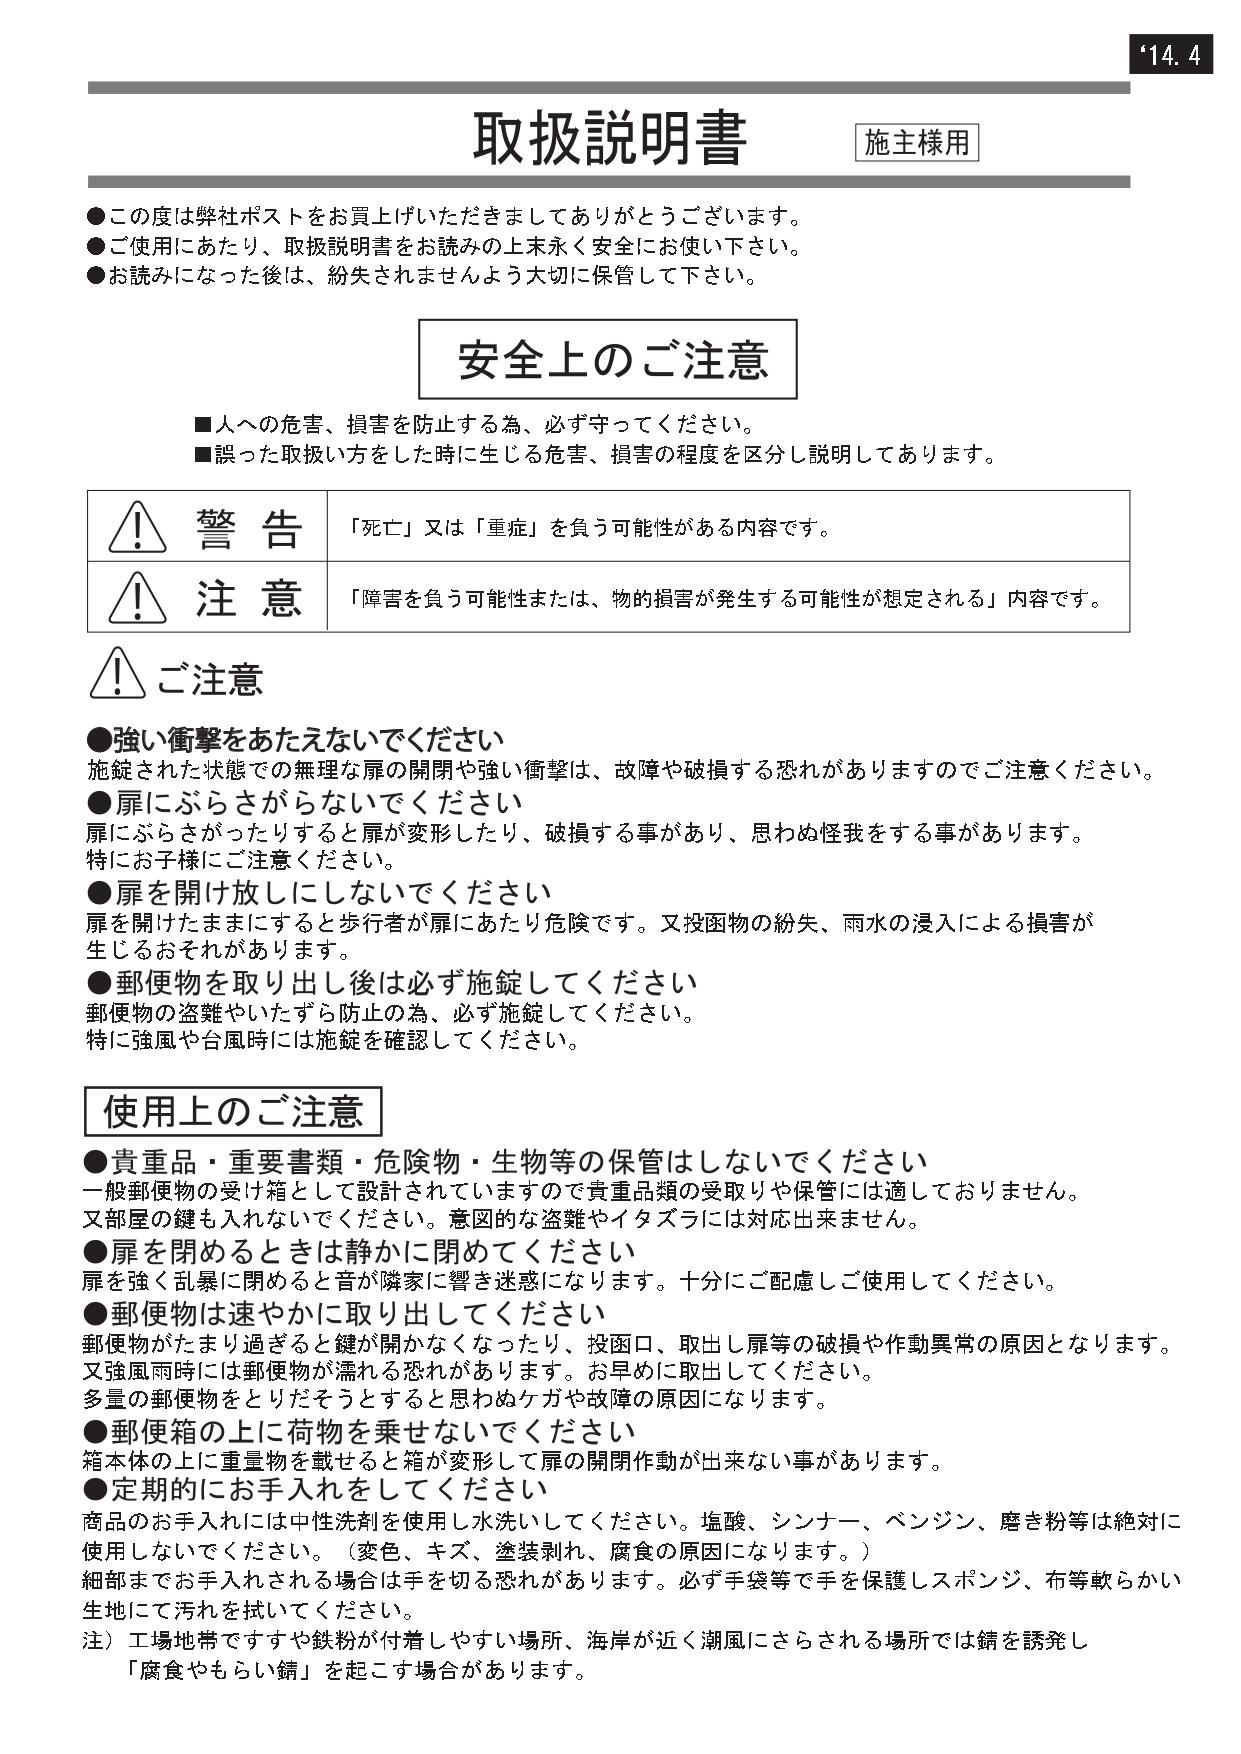 アンマルカートデュオ 施工説明書_page-0001